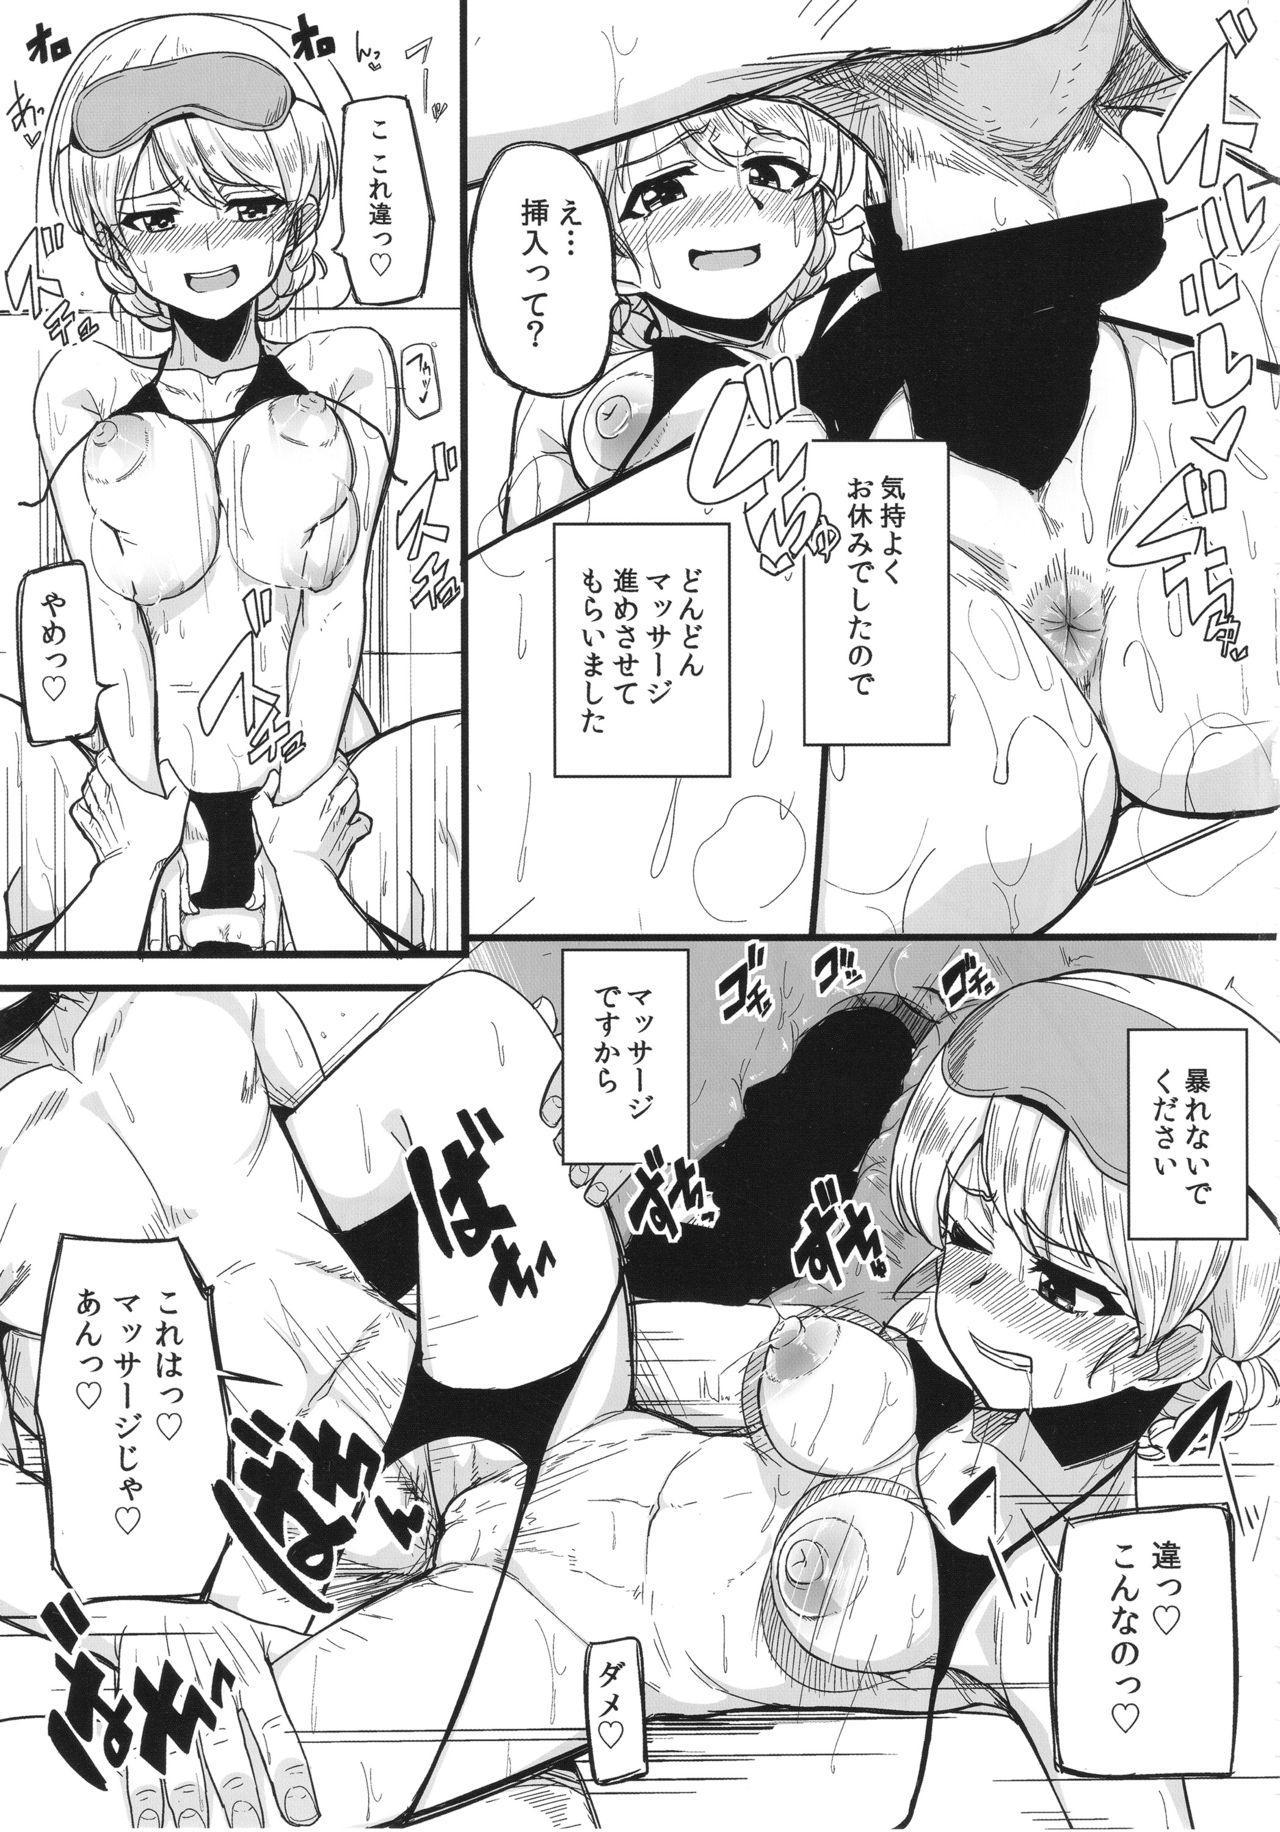 Tiger Shashin Juku vol. 1 64